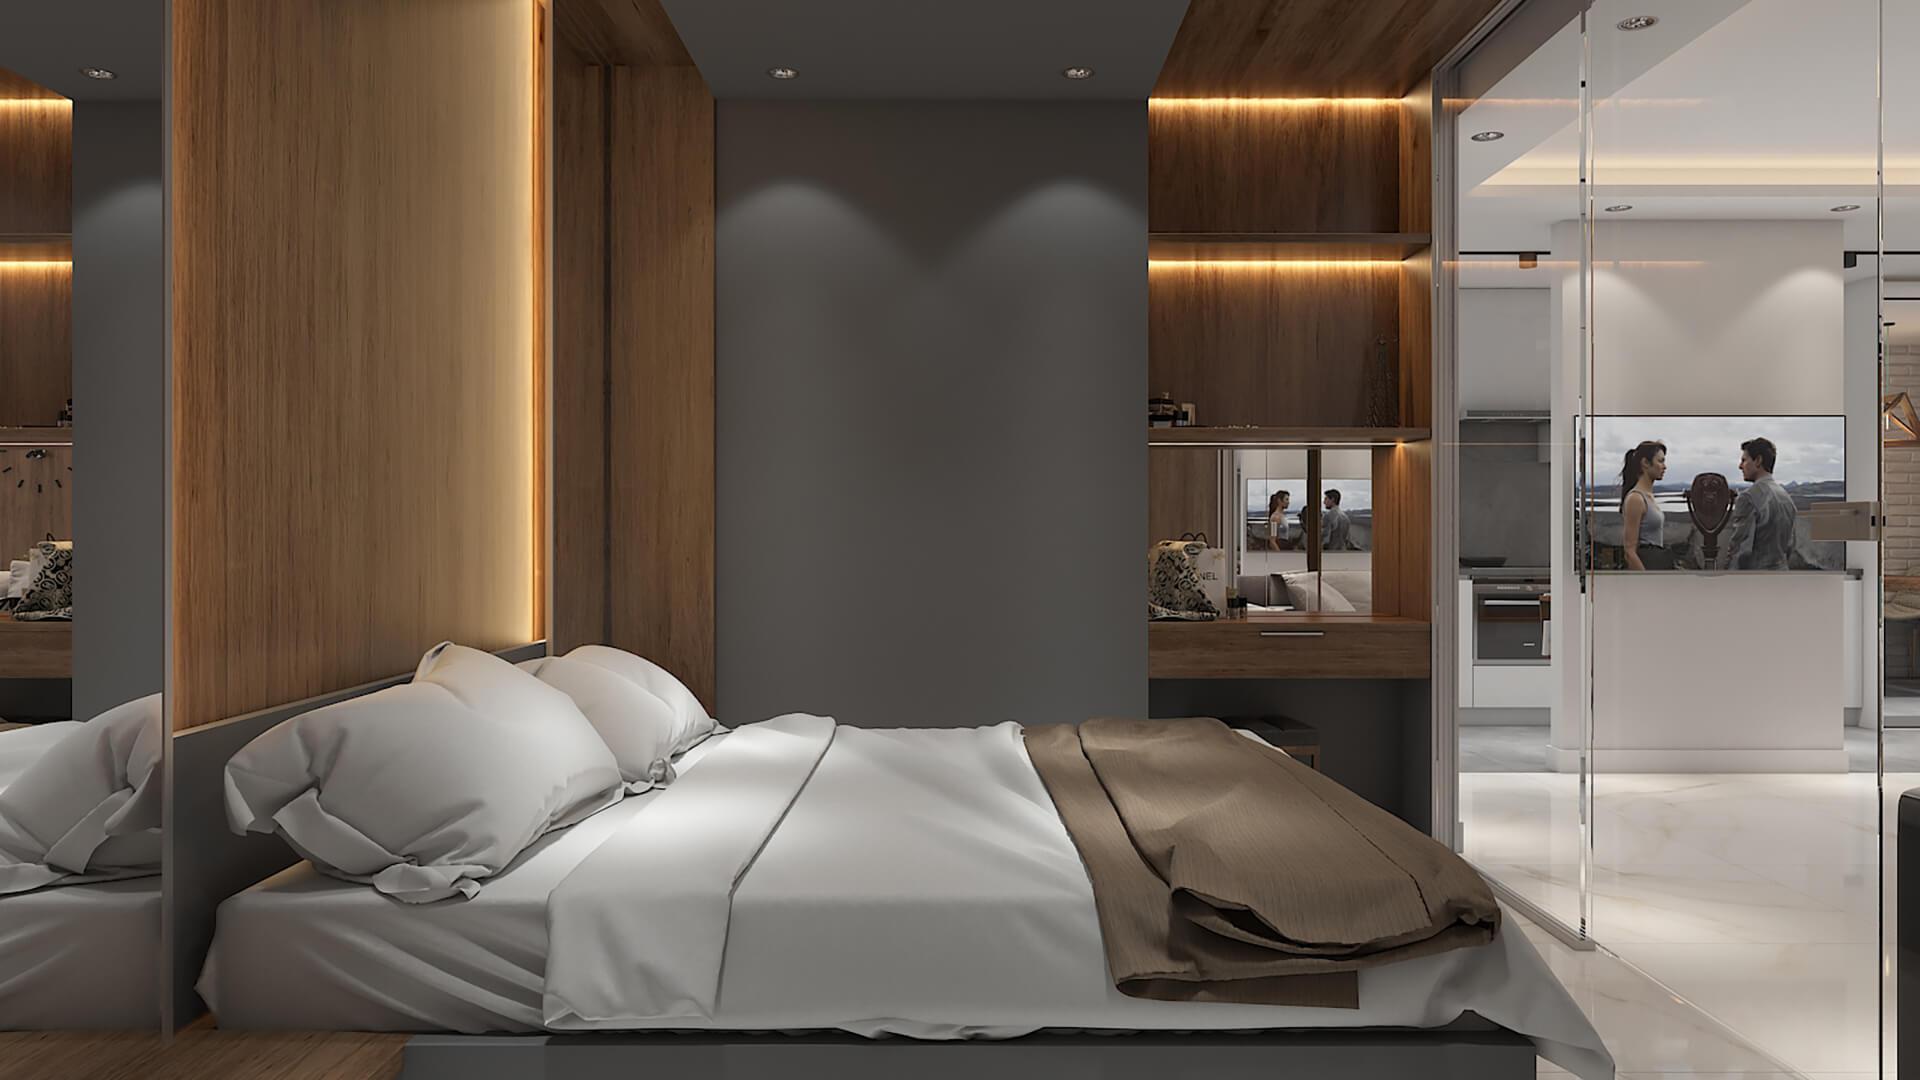 Дизайн проект квартира студия, спаьня со стеклянной перегородкой, Киев | фото 6